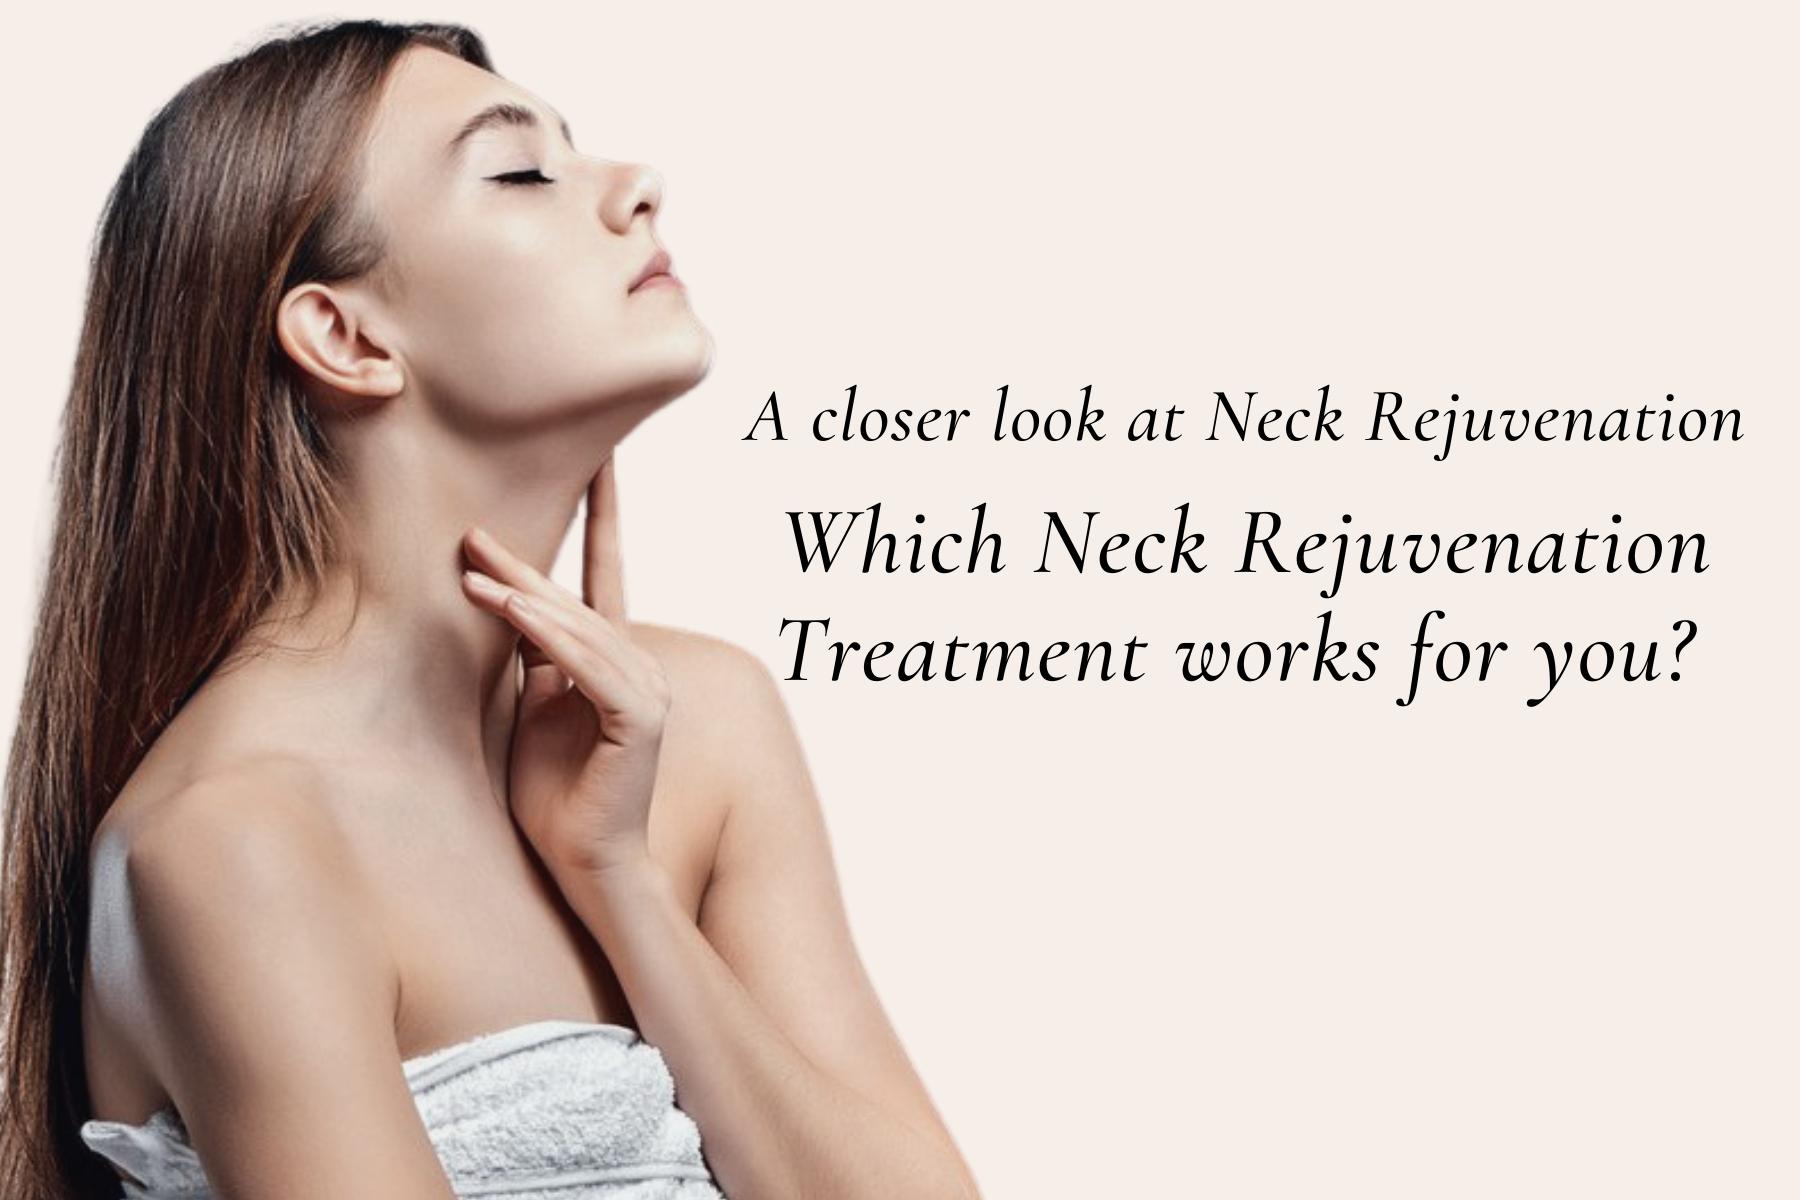 A closer look at Neck Rejuvenation